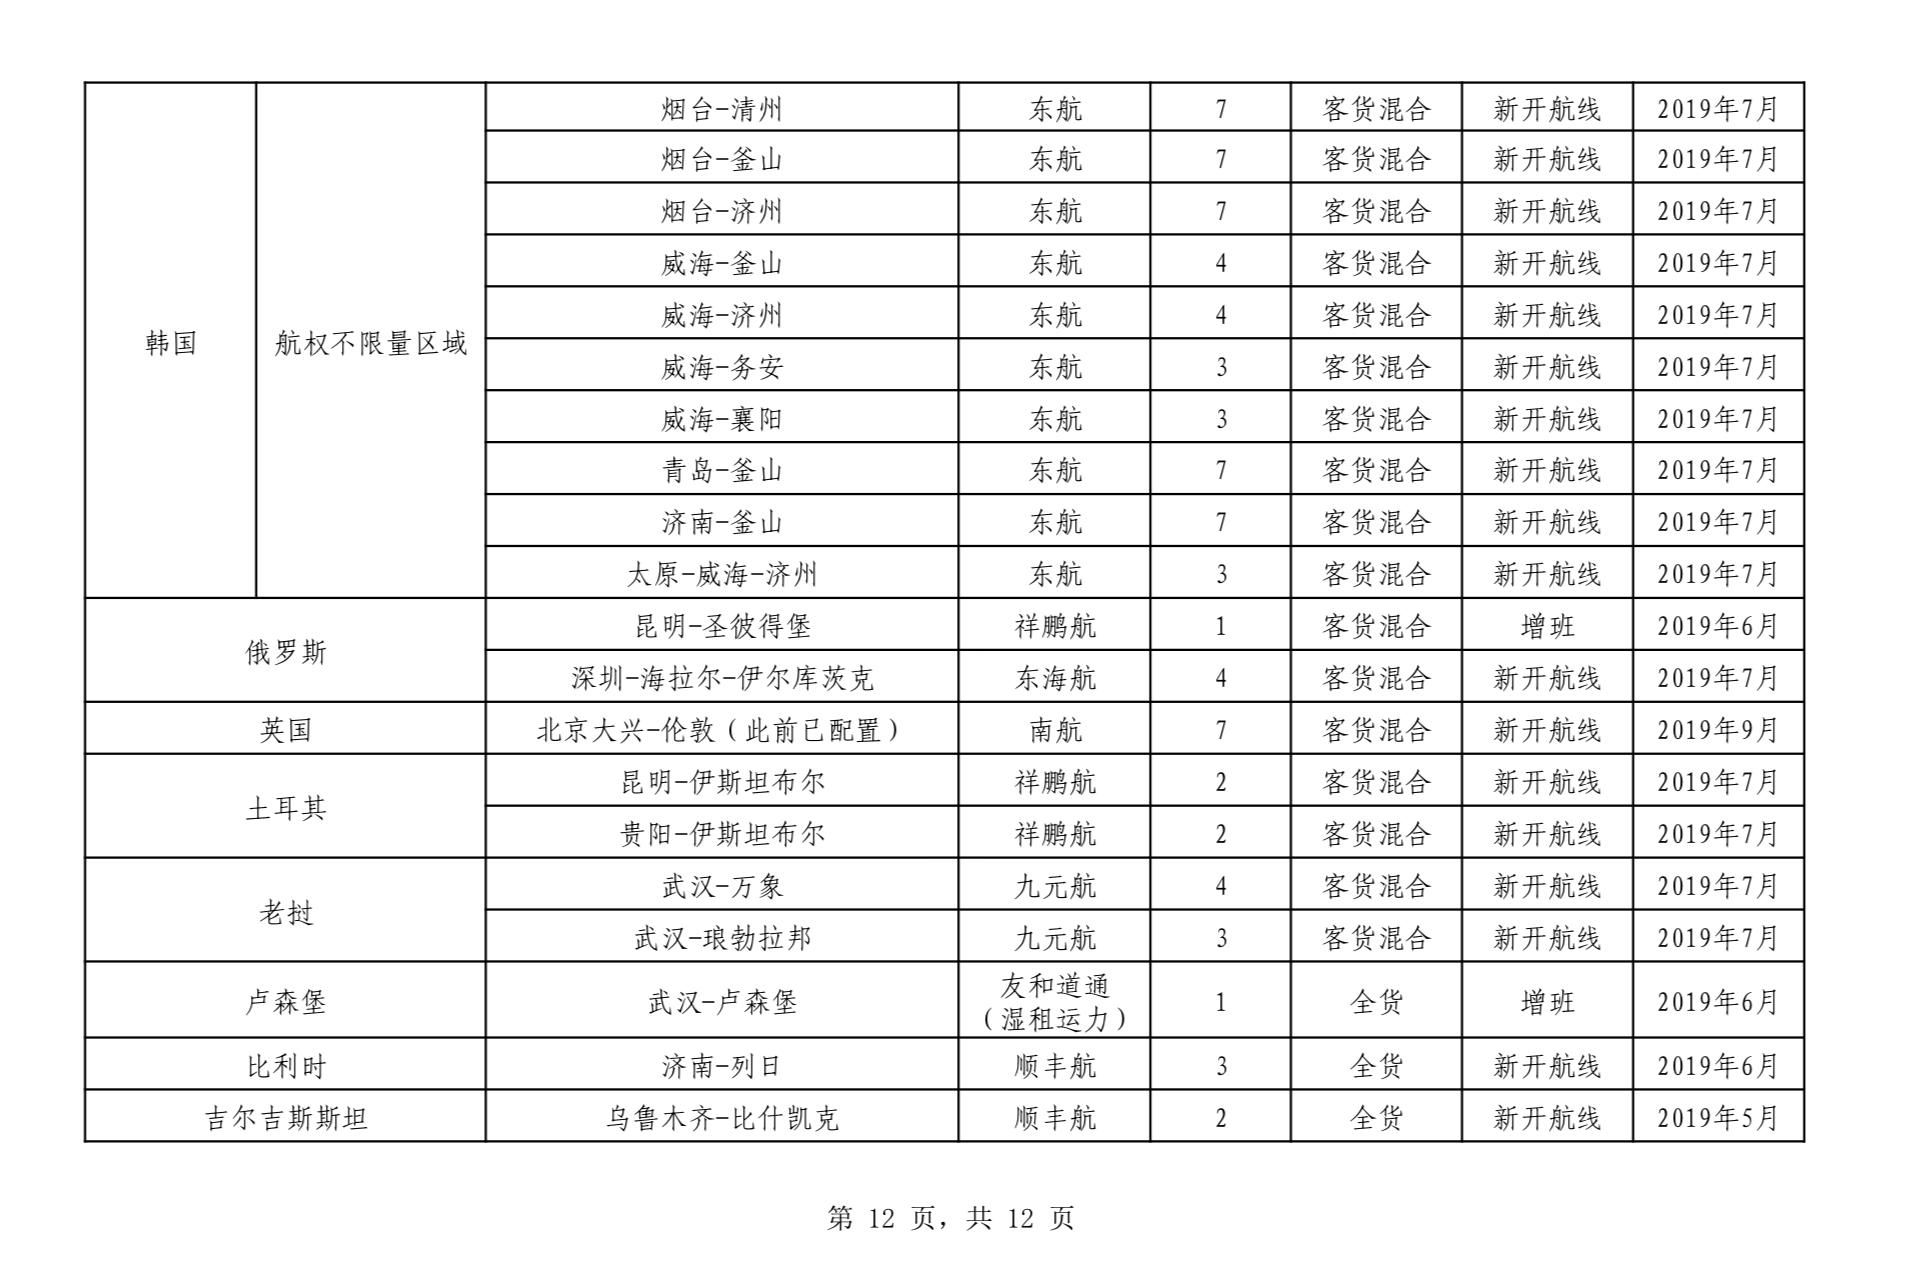 70BB4A22-F3C6-47A7-9DD7-18E291D96515.jpeg